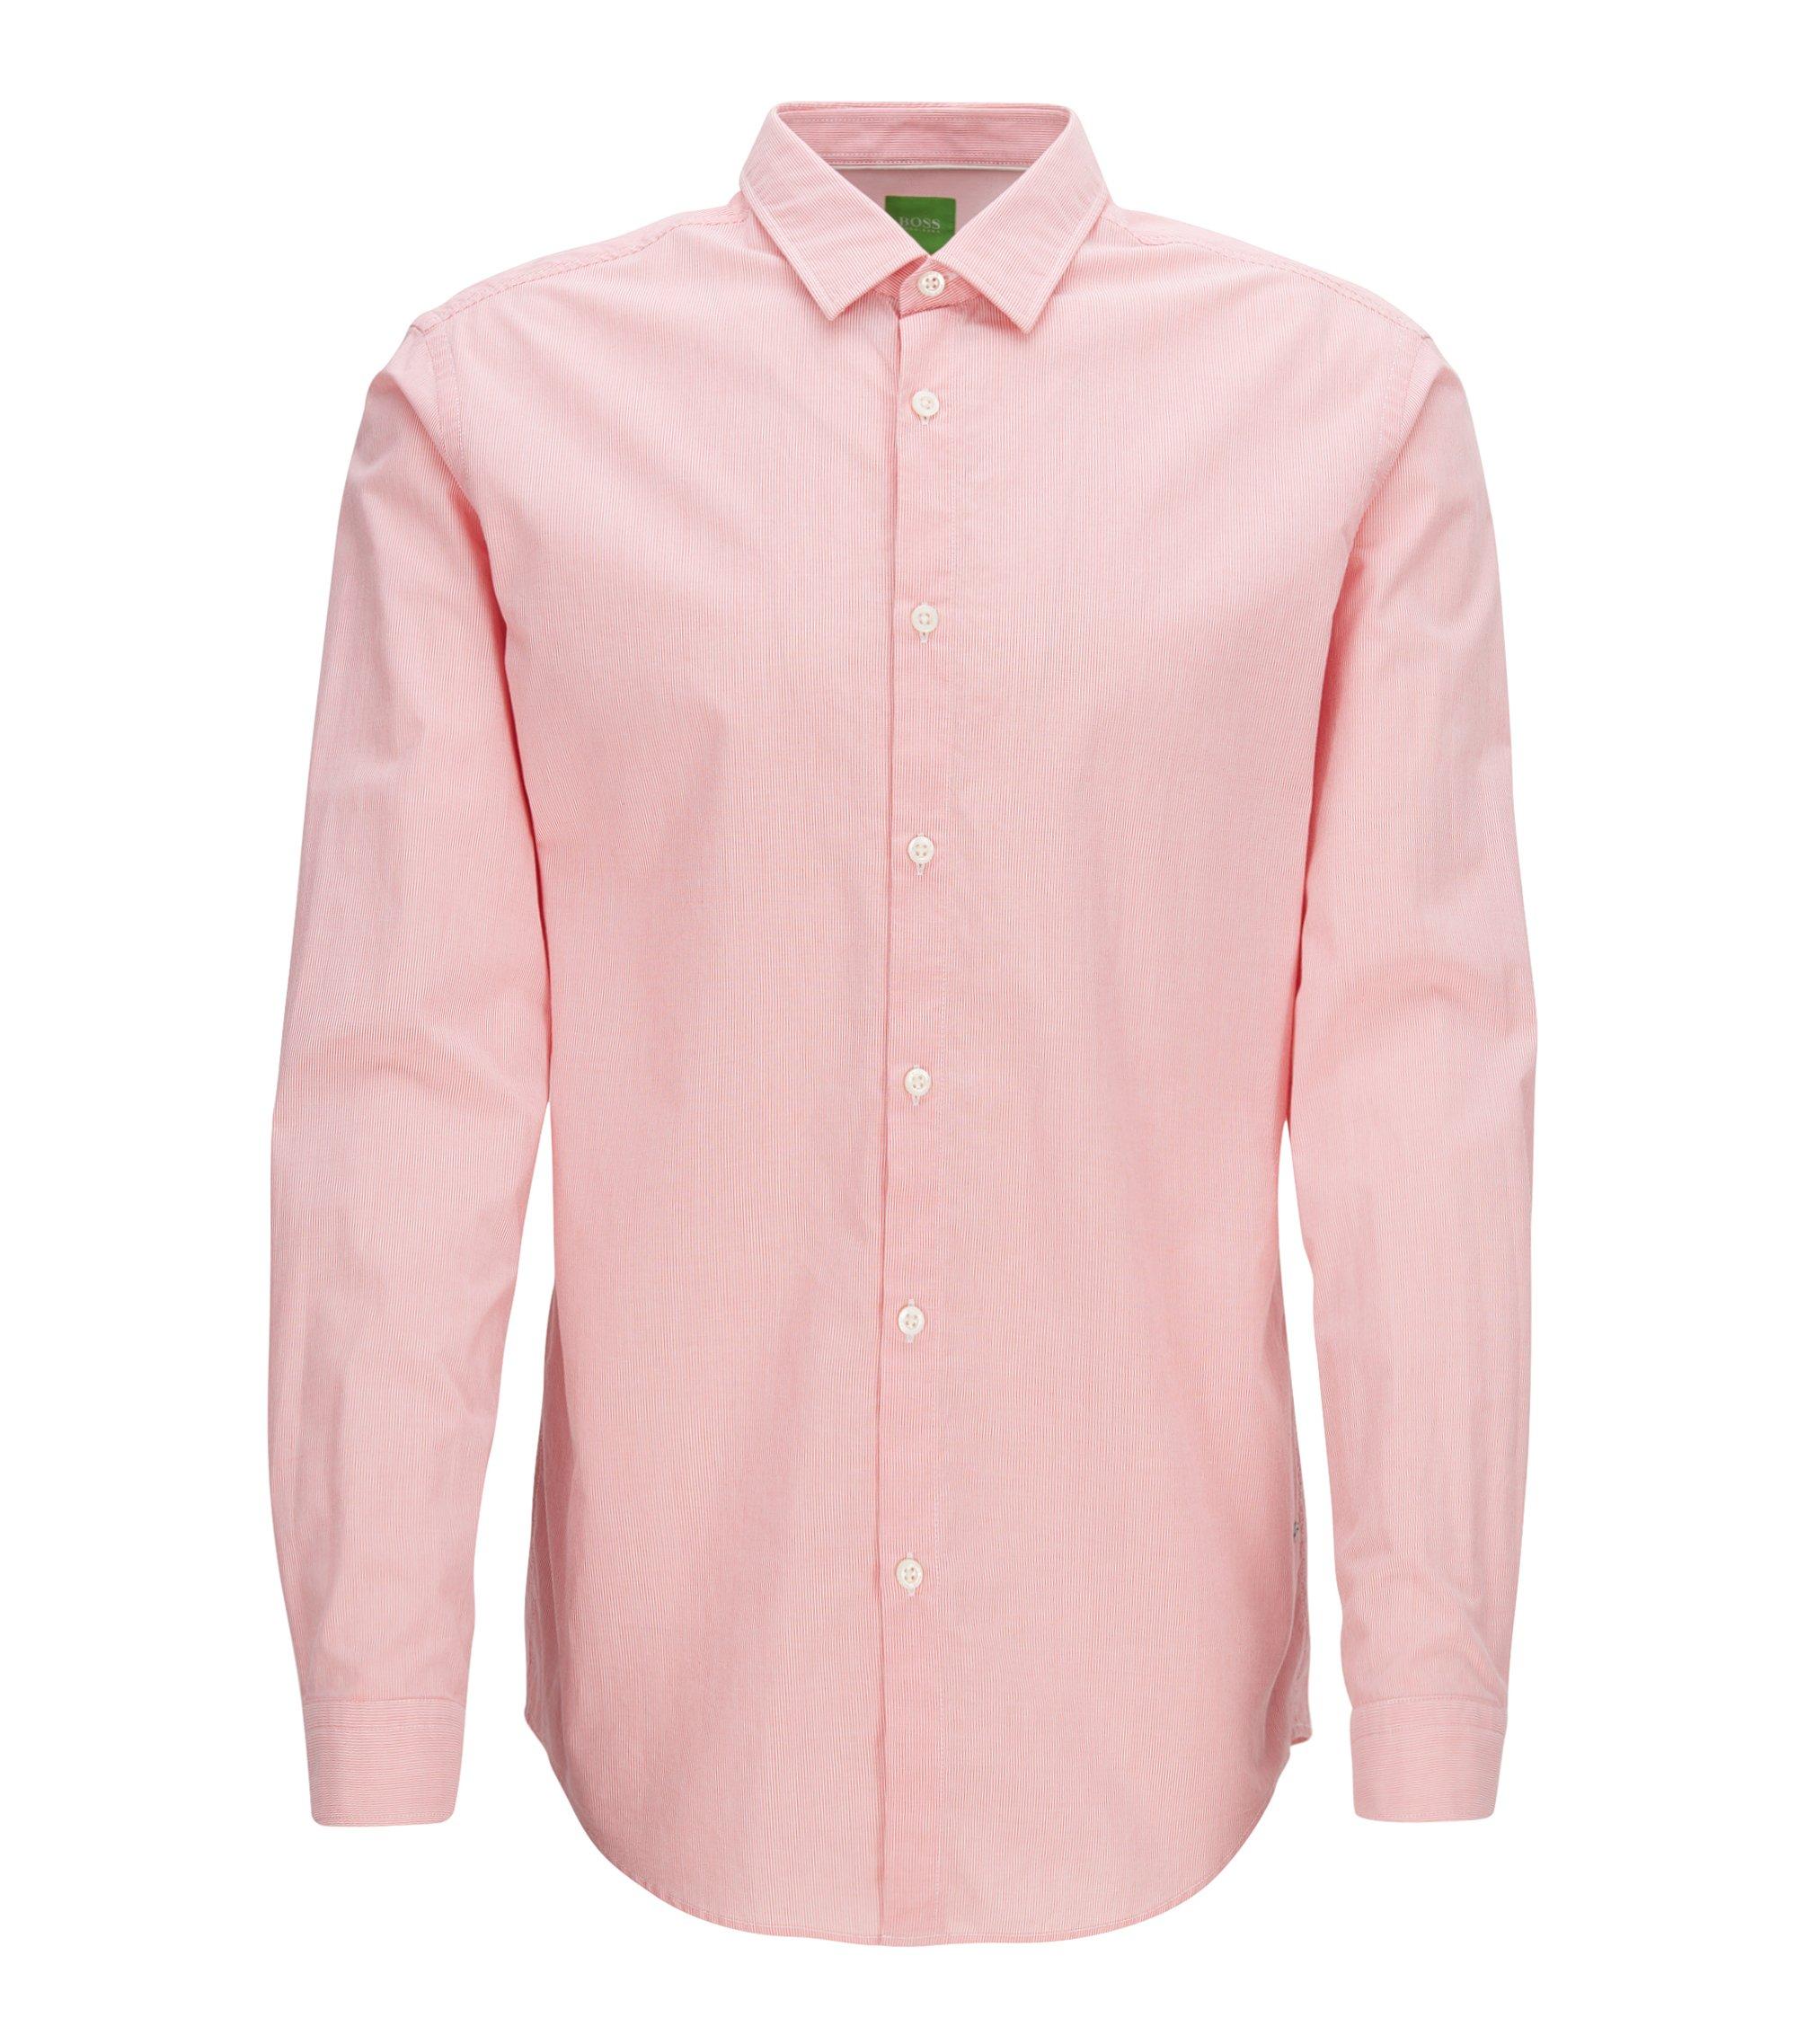 Chemise en coton Regular Fit à fines rayures au toucher peau de pêche, Rouge clair